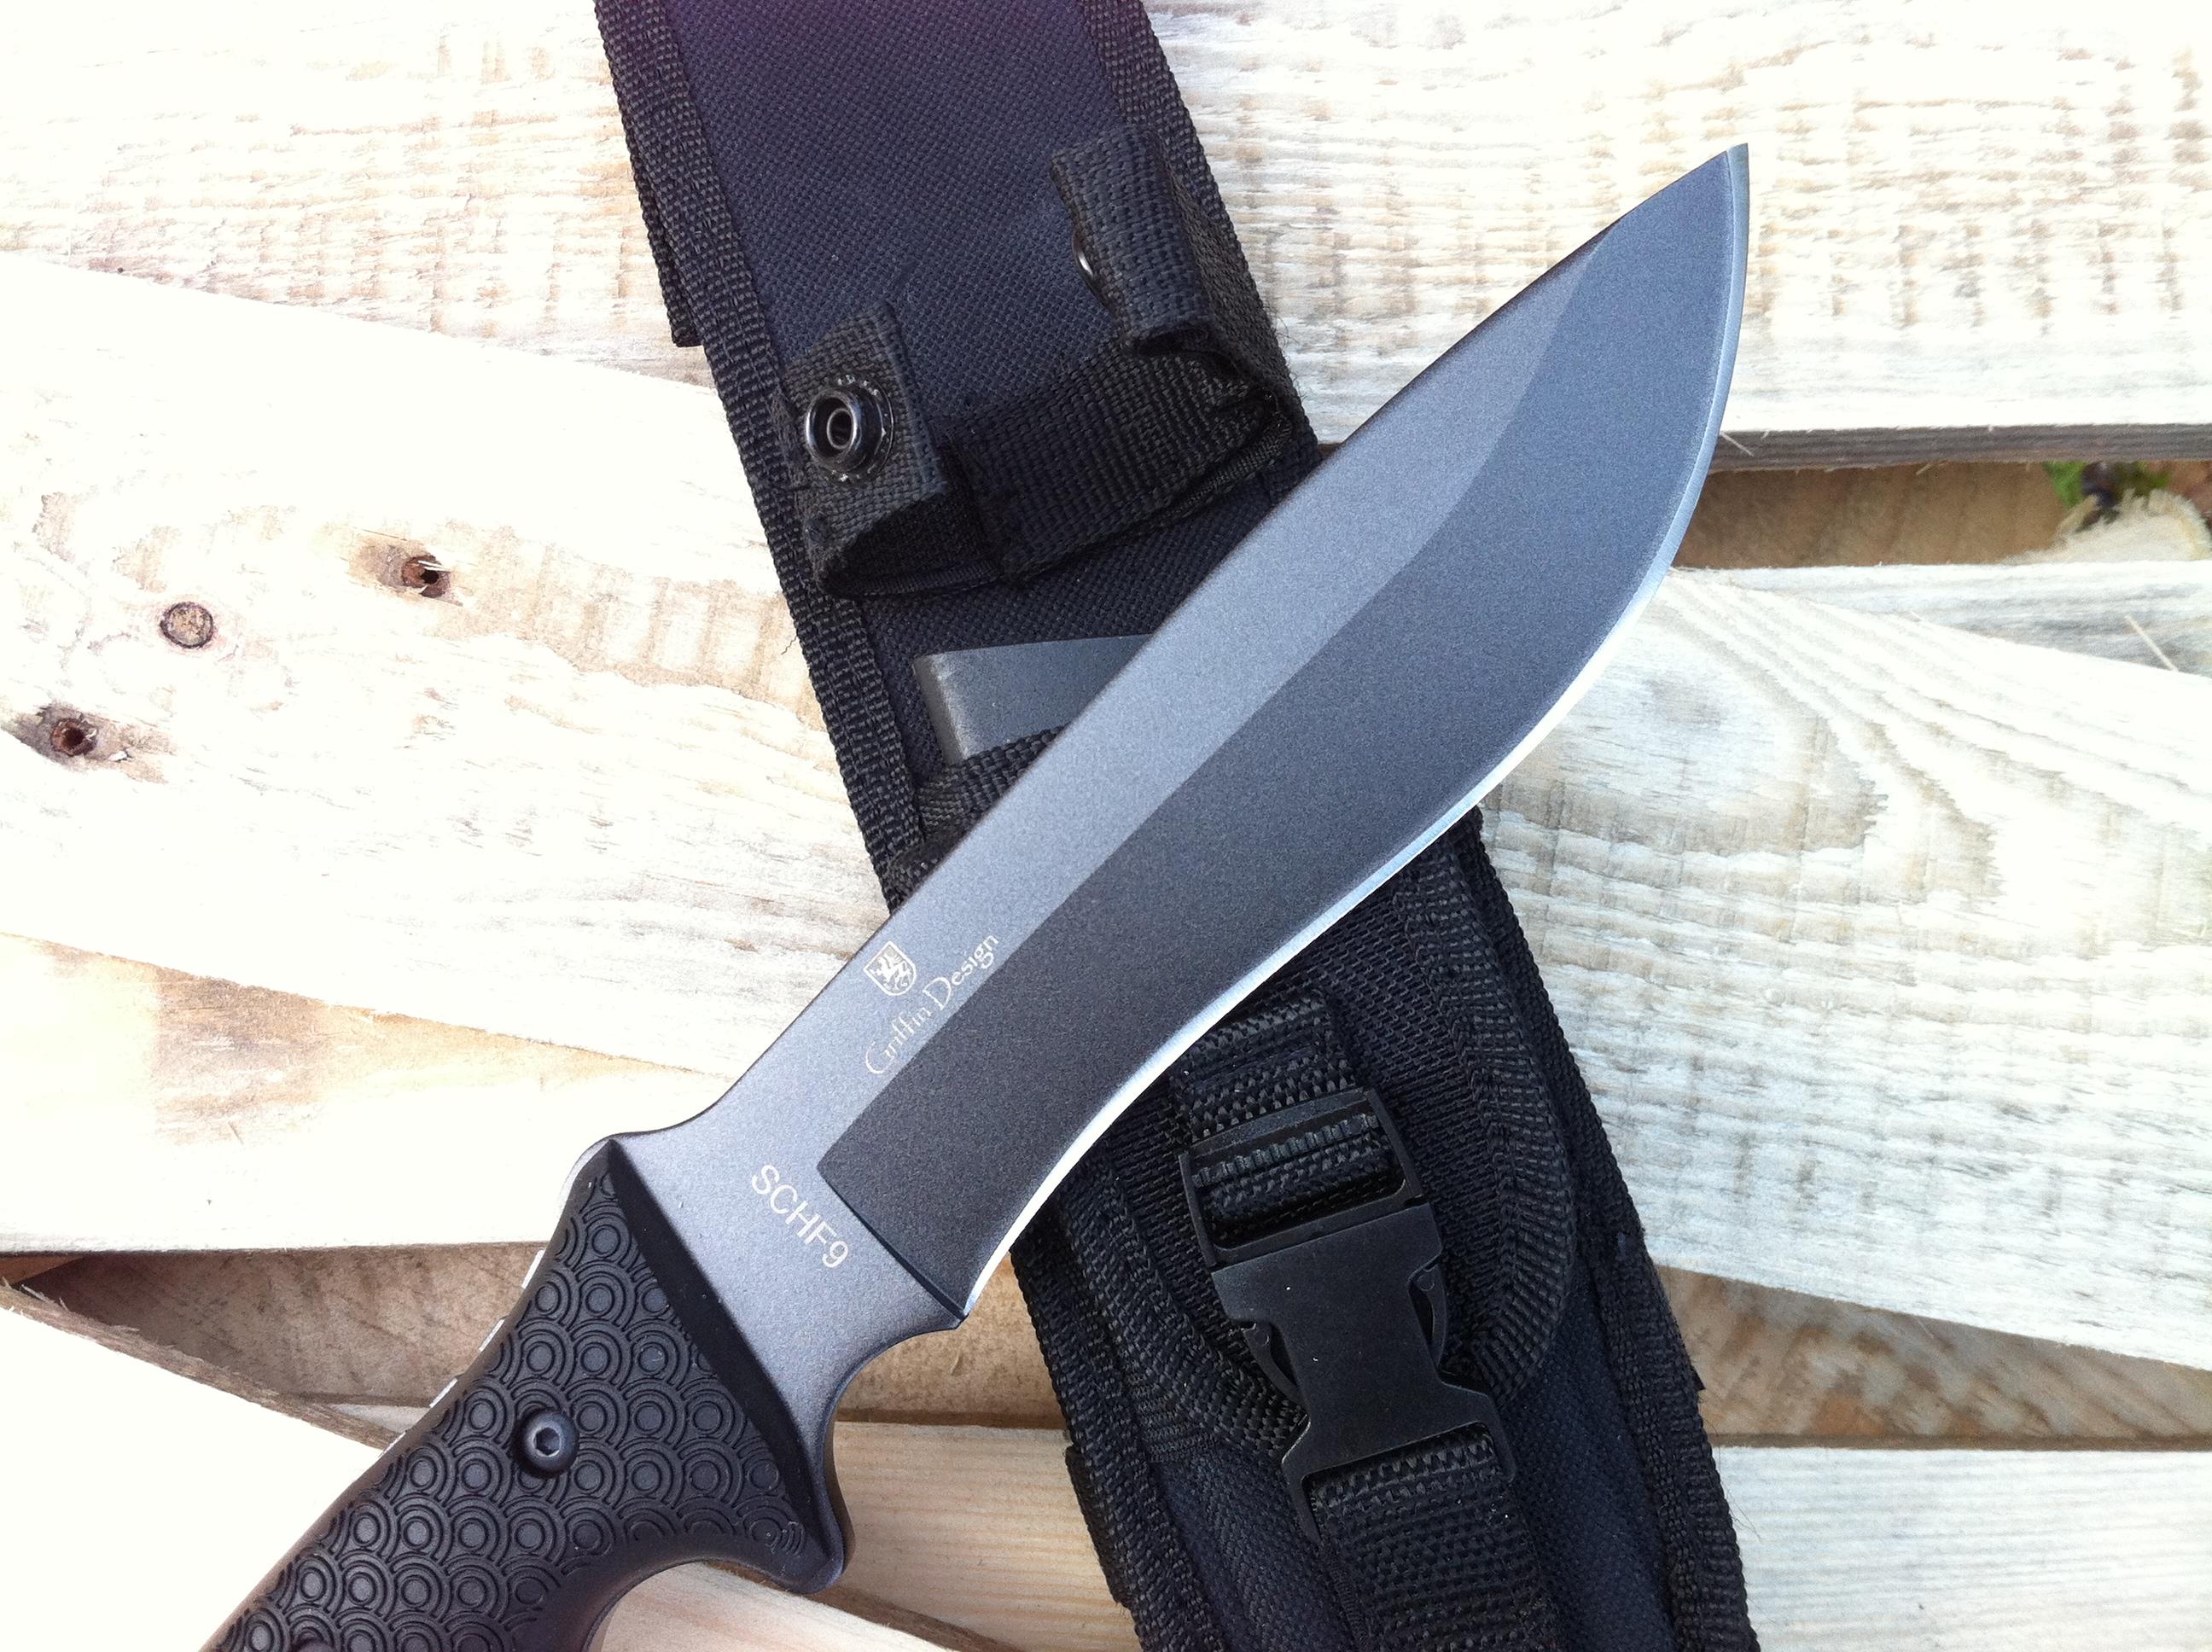 Revue couteau de survie SCHF9 Schrade – un monstre !